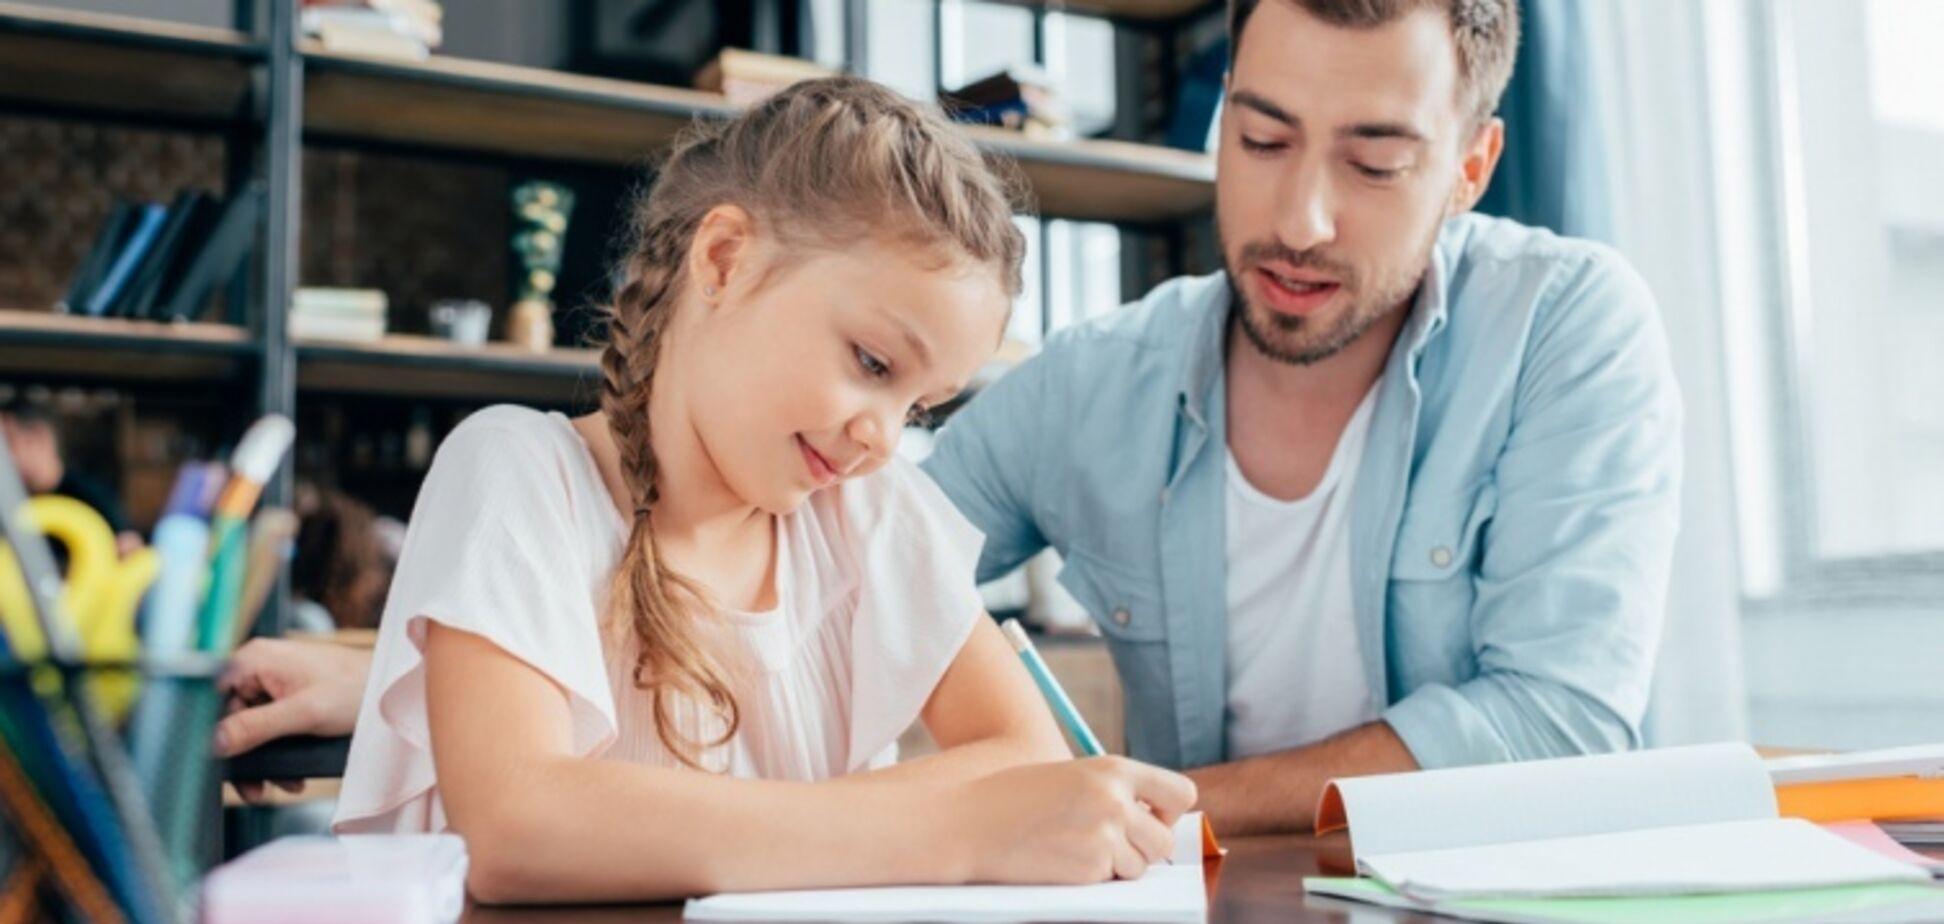 С сентября украинские школьники смогут учиться дома без уважительных причин: в Минобразования рассказали подробности